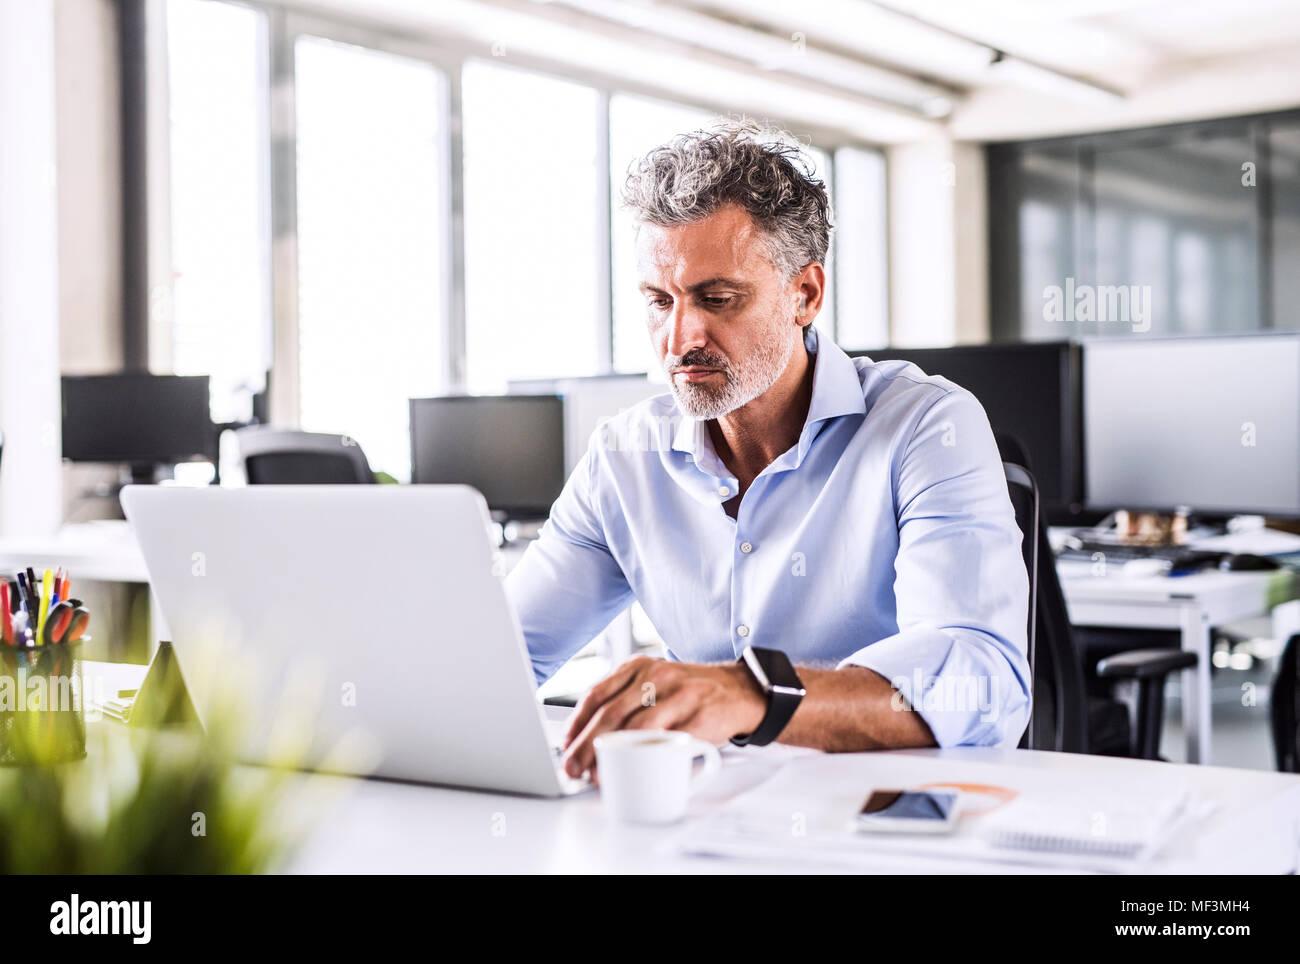 Imprenditore maturo seduto alla scrivania in ufficio utilizzando laptop Immagini Stock